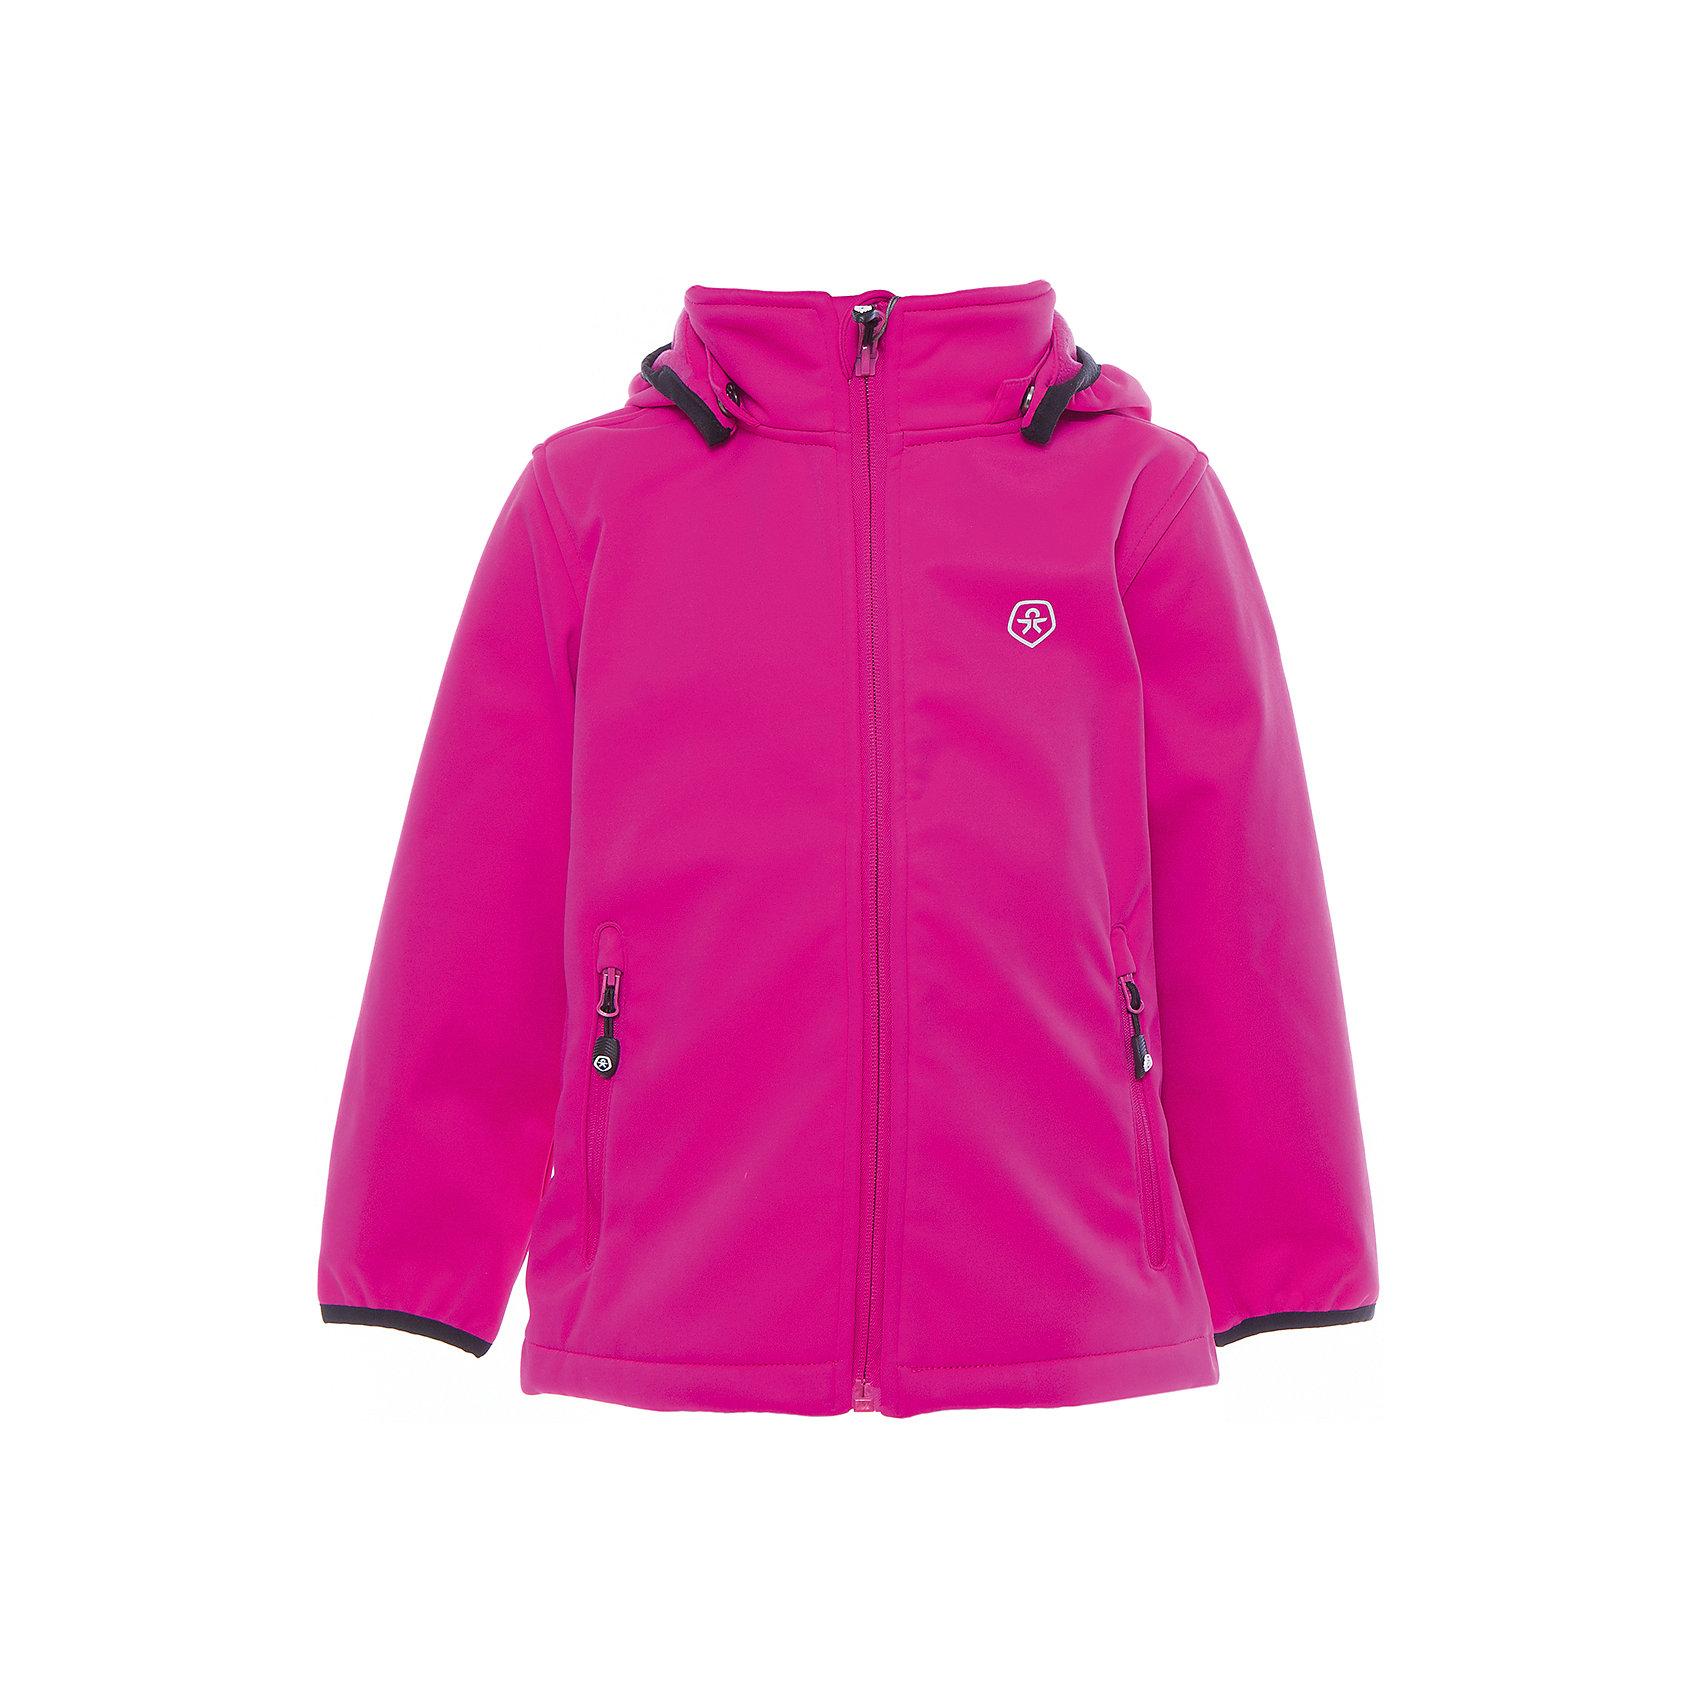 Куртка для девочки Color KidsВерхняя одежда<br>Характеристики товара:<br><br>• цвет: фуксия<br>• состав: 100 % полиэстер, softshell клееный с флисом<br>• без подкладки (для Softshell она не нужна, внутренняя сторона этой ткани очень приятная на ощупь)<br>• без утеплителя<br>• температурный режим: +10 С° до +20 С°<br>• мембранная технология<br>• водонепроницаемость: 5000 мм<br>• воздухопроницаемость: 1000 мм<br>• регулируемый низ куртки<br>• светоотражающие детали<br>• застежка: молния<br>• съёмный капюшон на кнопках<br>• защита подбородка<br>• два кармана на молнии<br>• логотип<br>• страна бренда: Дания<br><br>Эта симпатичная и удобная куртка сделана из непромокаемого легкого материала, поэтому отлично подойдет для дождливой погоды в весенне-летний сезон. Она комфортно сидит и обеспечивает ребенку необходимое удобство. Очень стильно смотрится. <br><br>Куртку для мальчика от датского бренда Color Kids (Колор кидз) можно купить в нашем интернет-магазине.<br><br>Ширина мм: 356<br>Глубина мм: 10<br>Высота мм: 245<br>Вес г: 519<br>Цвет: красный<br>Возраст от месяцев: 24<br>Возраст до месяцев: 36<br>Пол: Женский<br>Возраст: Детский<br>Размер: 98,80,86,92<br>SKU: 5443109